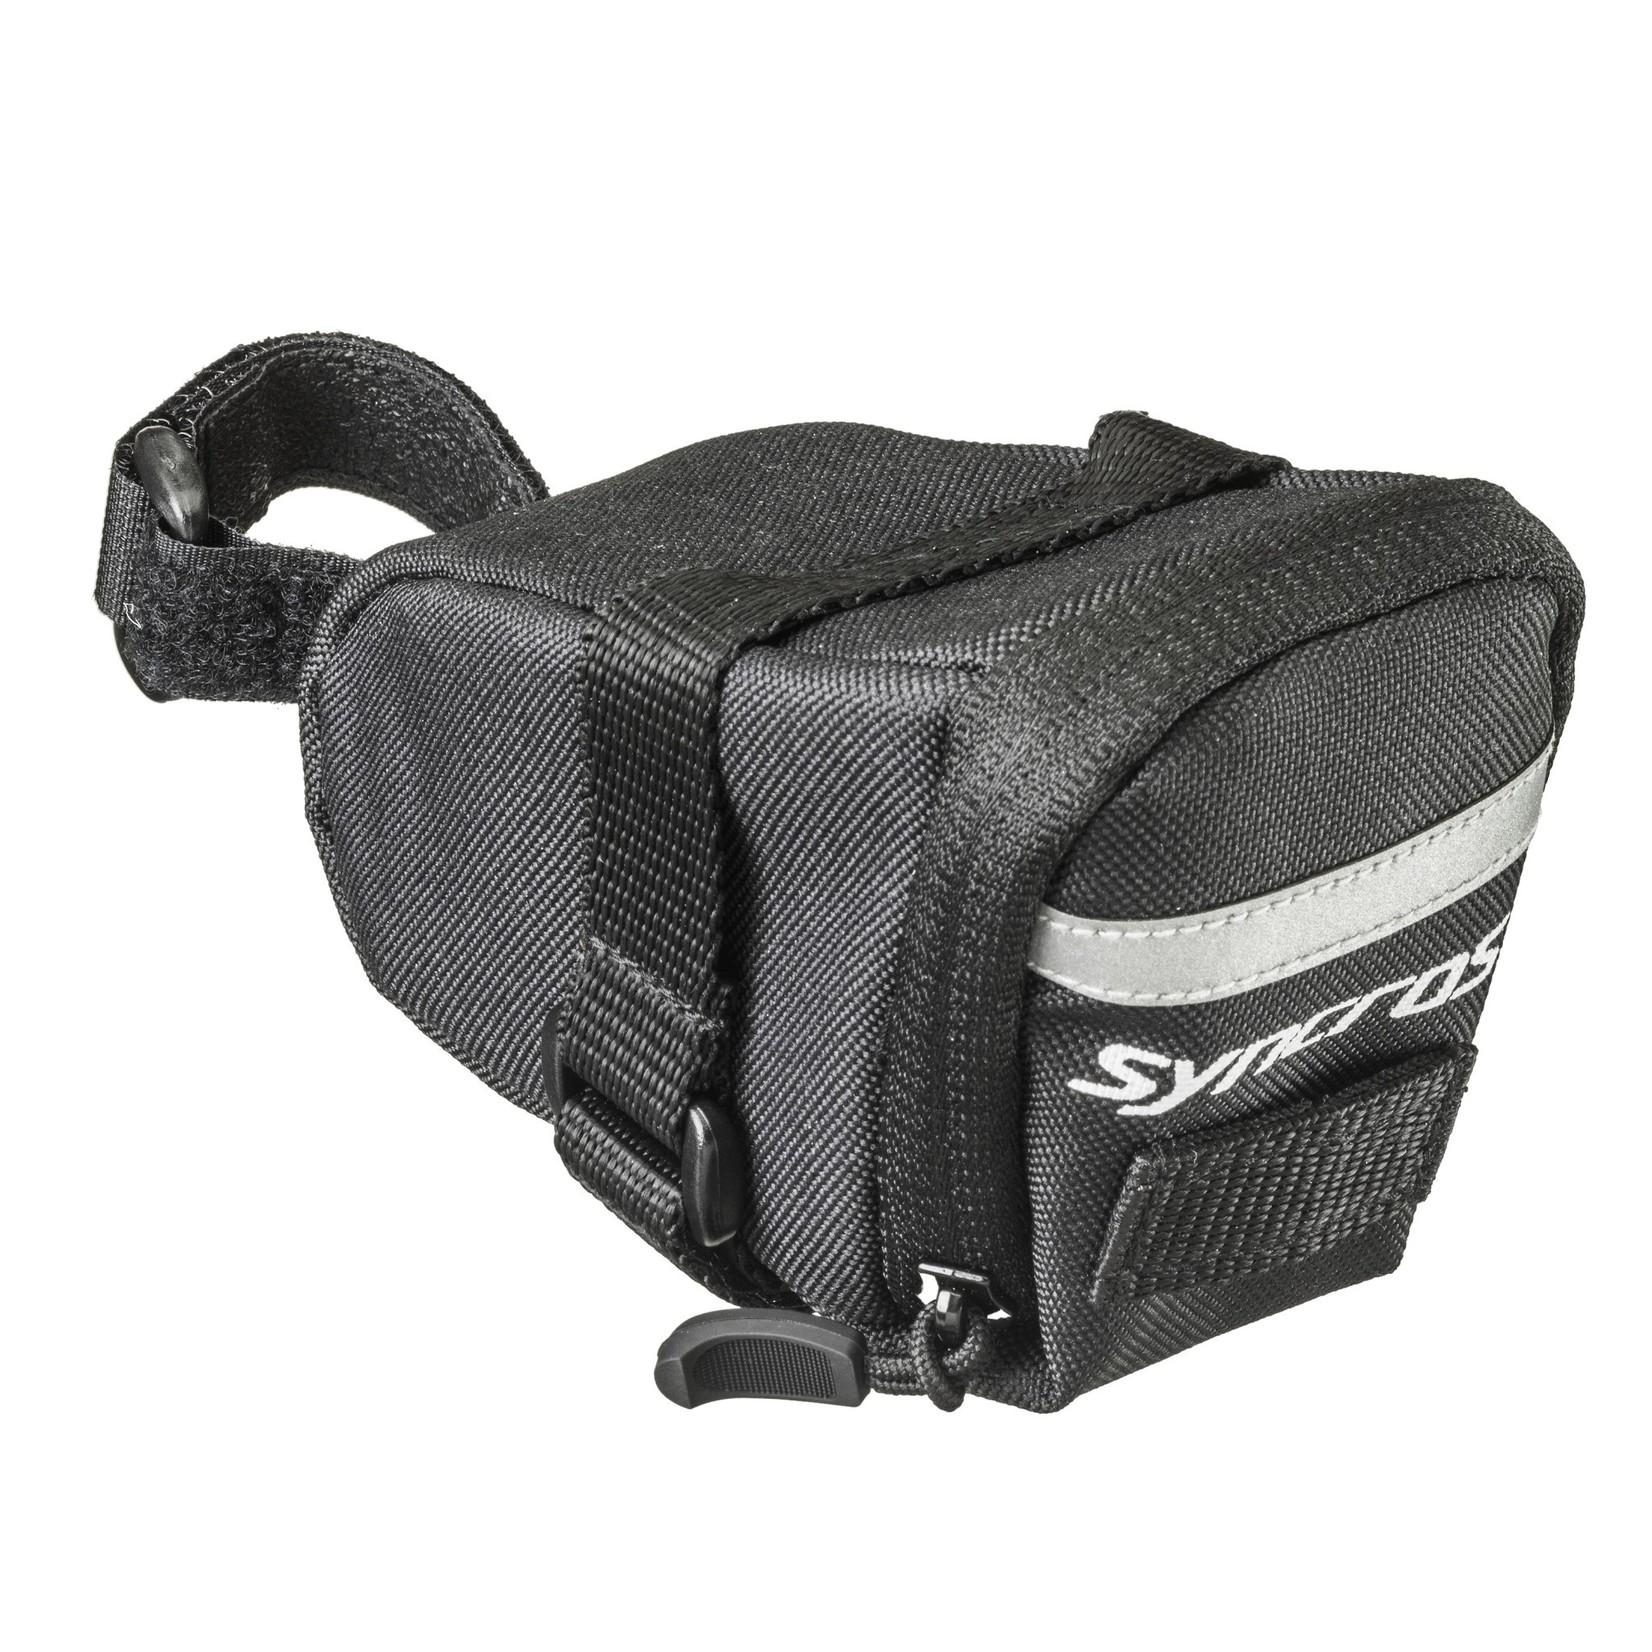 Syncros Bicycle Saddle Bag Black M